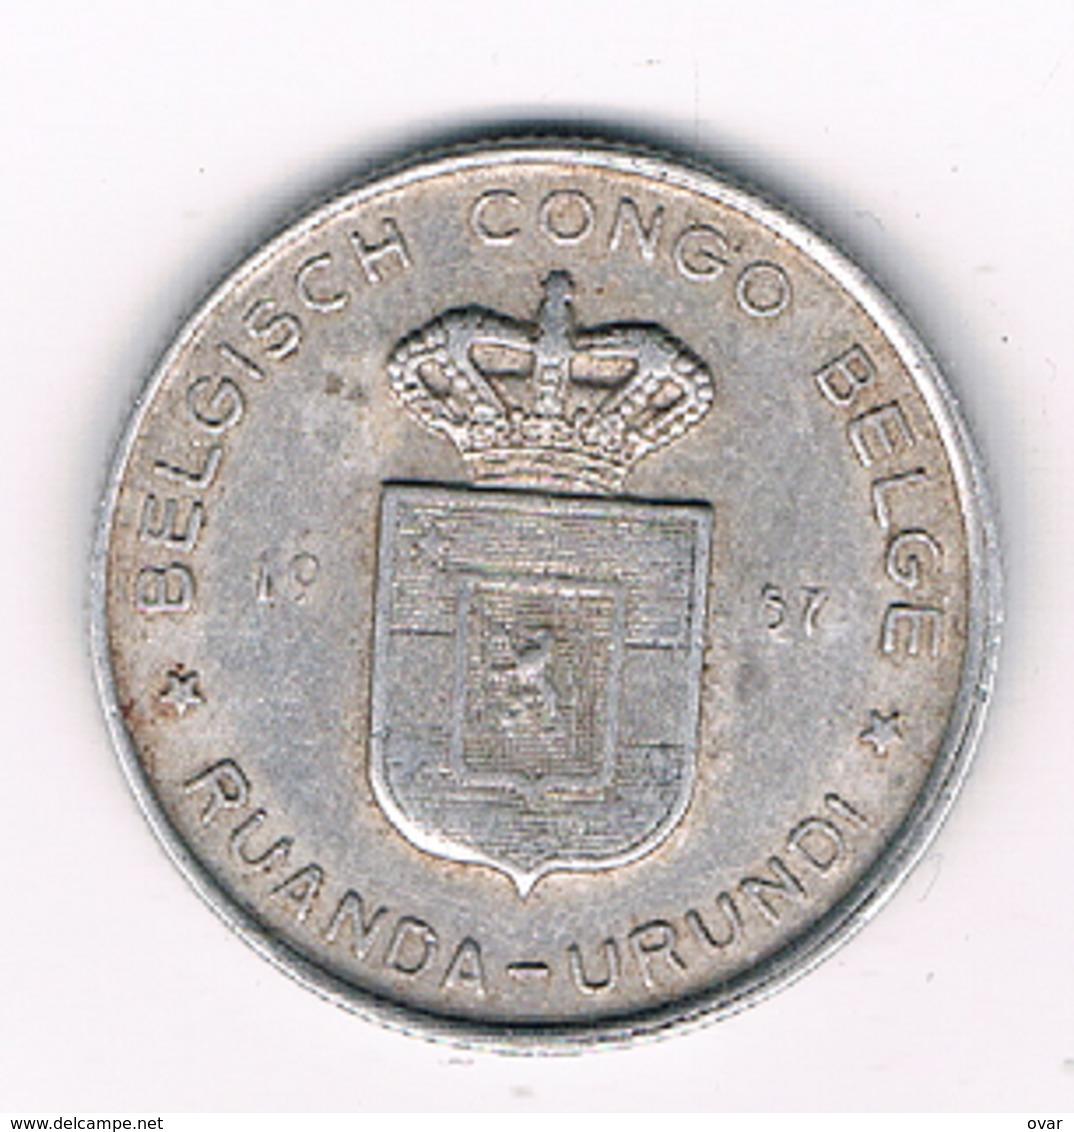 1 FRANC 1957 BELGISCH CONGO /3039/ - Congo (Belge) & Ruanda-Urundi